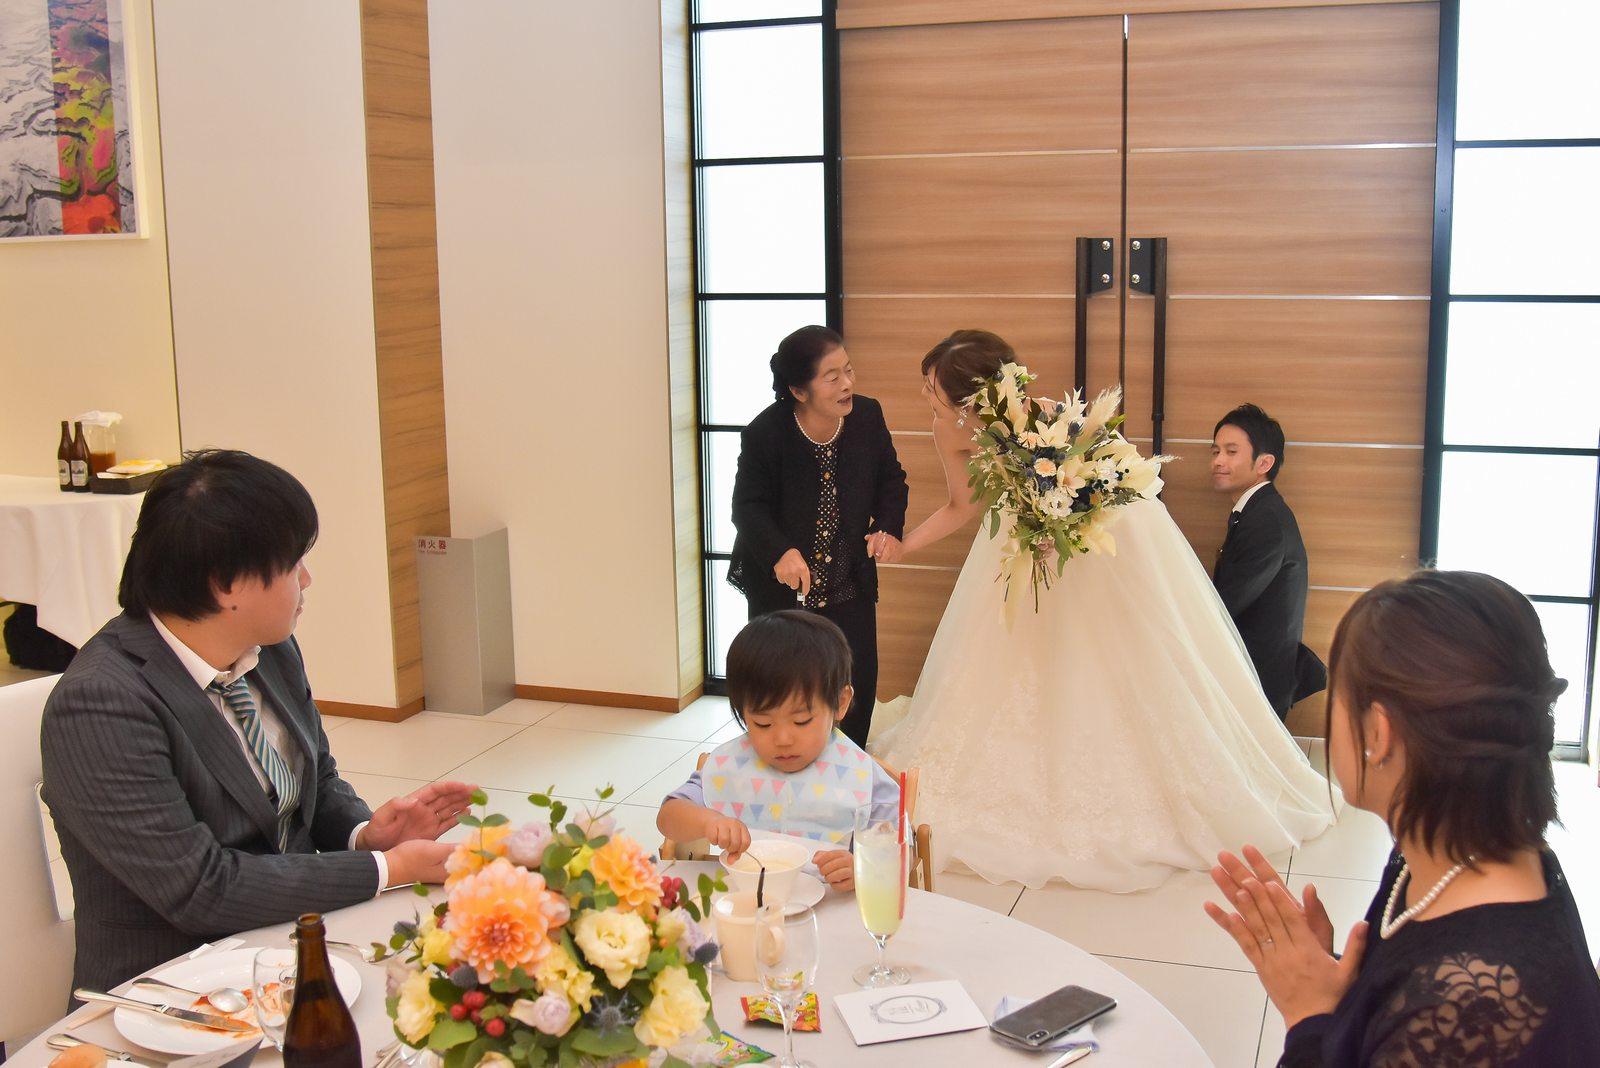 香川県の結婚式場シェルエメール&アイスタイルの新婦お色直し退場